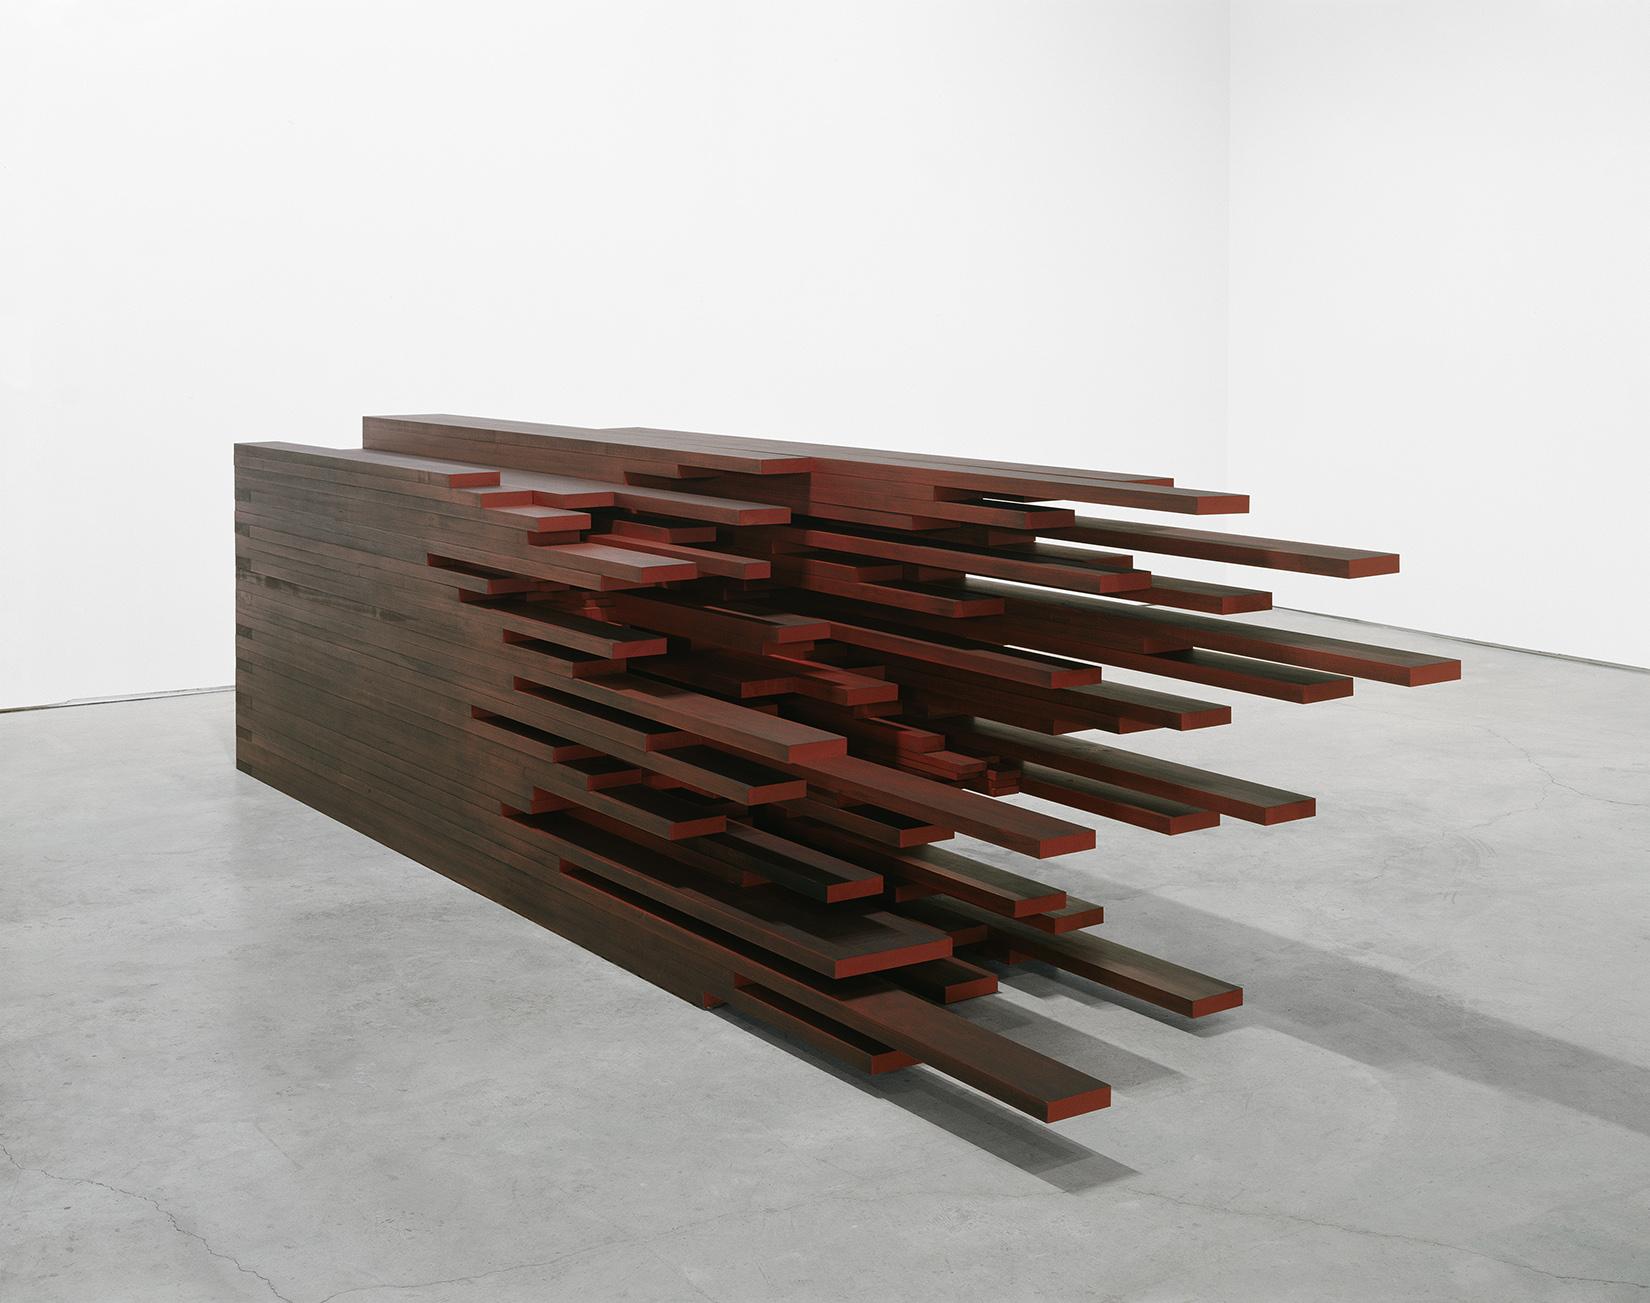 In extenso II  (2009)   Bois polychrome, 118 x 487 x 92 cm, collection du Musée des beaux-arts de Montréal. photo : Richard-Max Tremblay